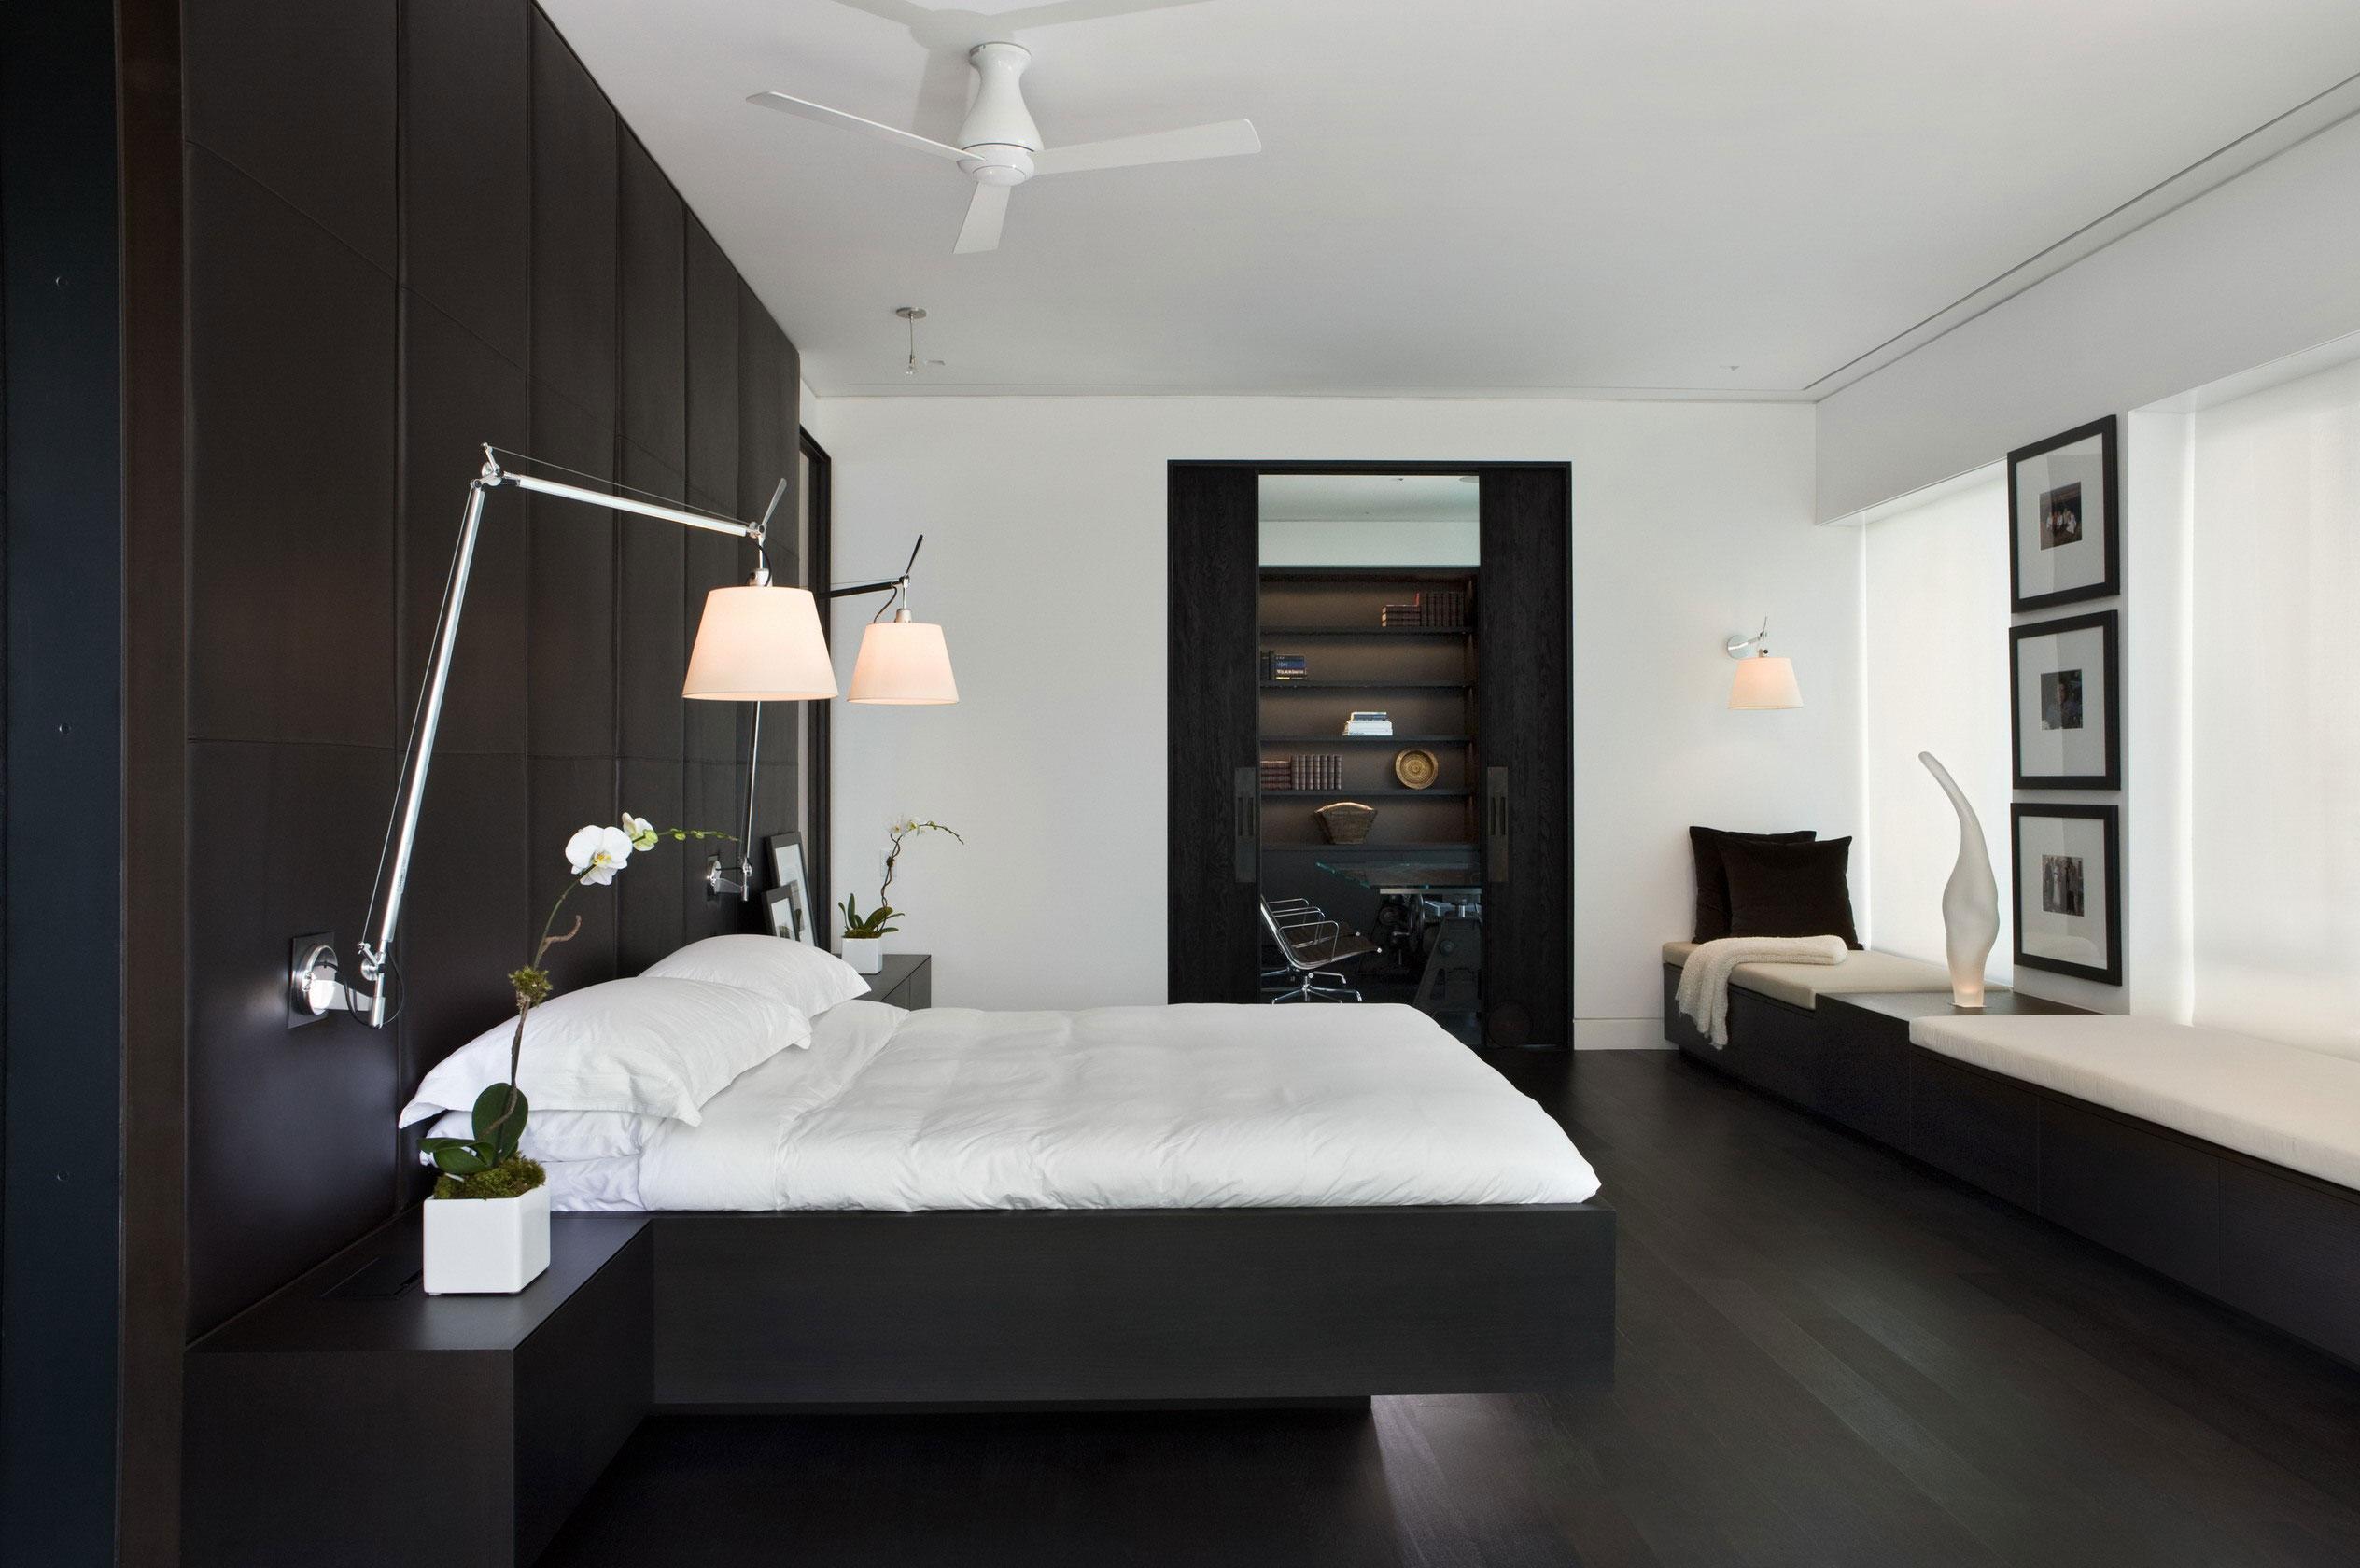 Монохромный дизайн спальни в черно белых тонах